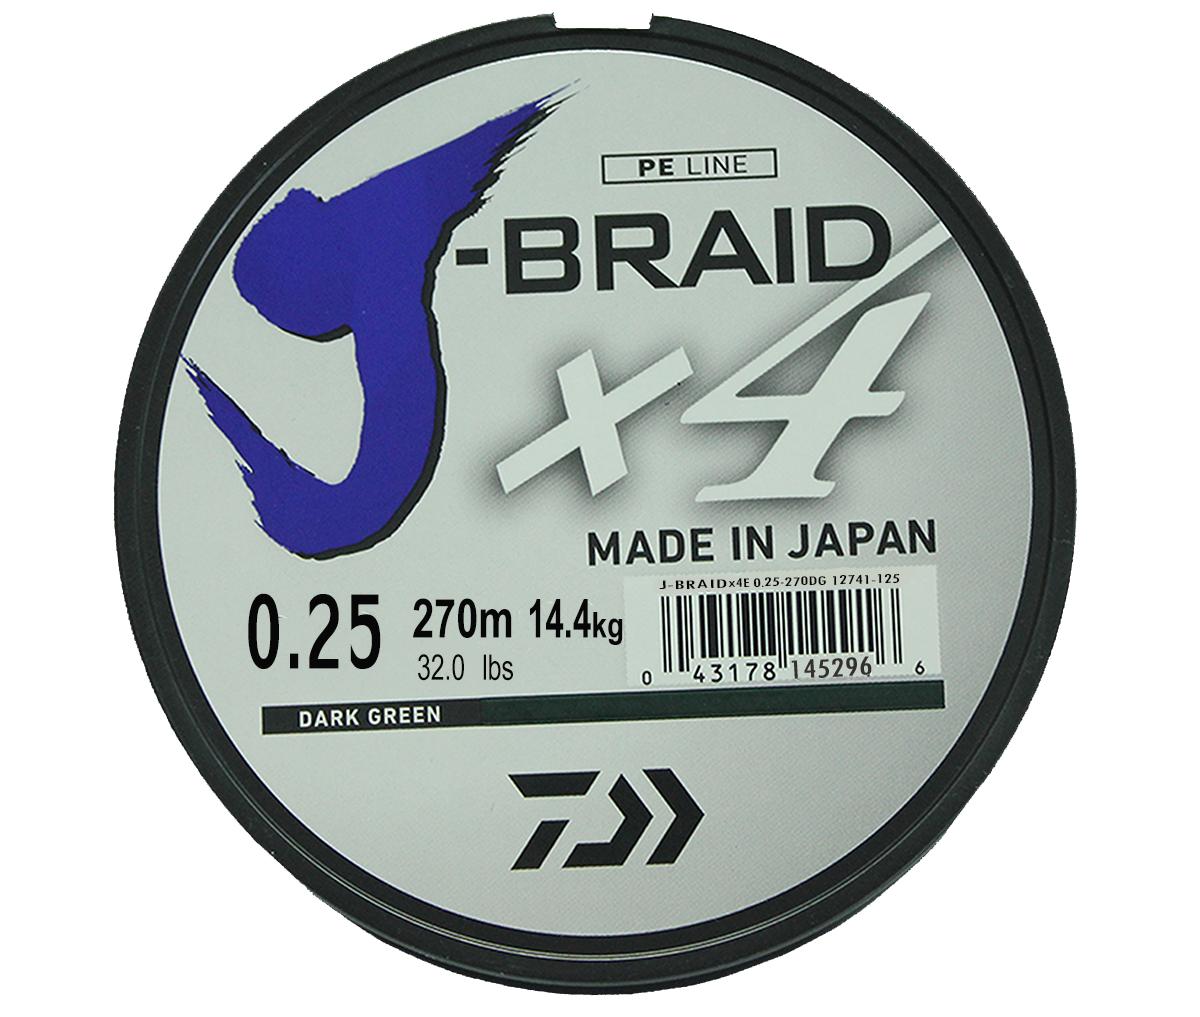 Шнур плетеный DAIWA J-Braid X4, цвет: зеленый, 270 м, 0,25 мм61175Новый 4х жильный шнур J-Braid, DAIWA - шнур высокого класса с удивительным соотношением цены и качества. Качество плетения полностью соответствует японским стандартам и удовлетворяет всем требованиям. Представленные диаметры позволяют использовать шнур для всех техник ловли, начиная от ultra- light ловли окуня, до морской ловли палтуса, трески и т.д